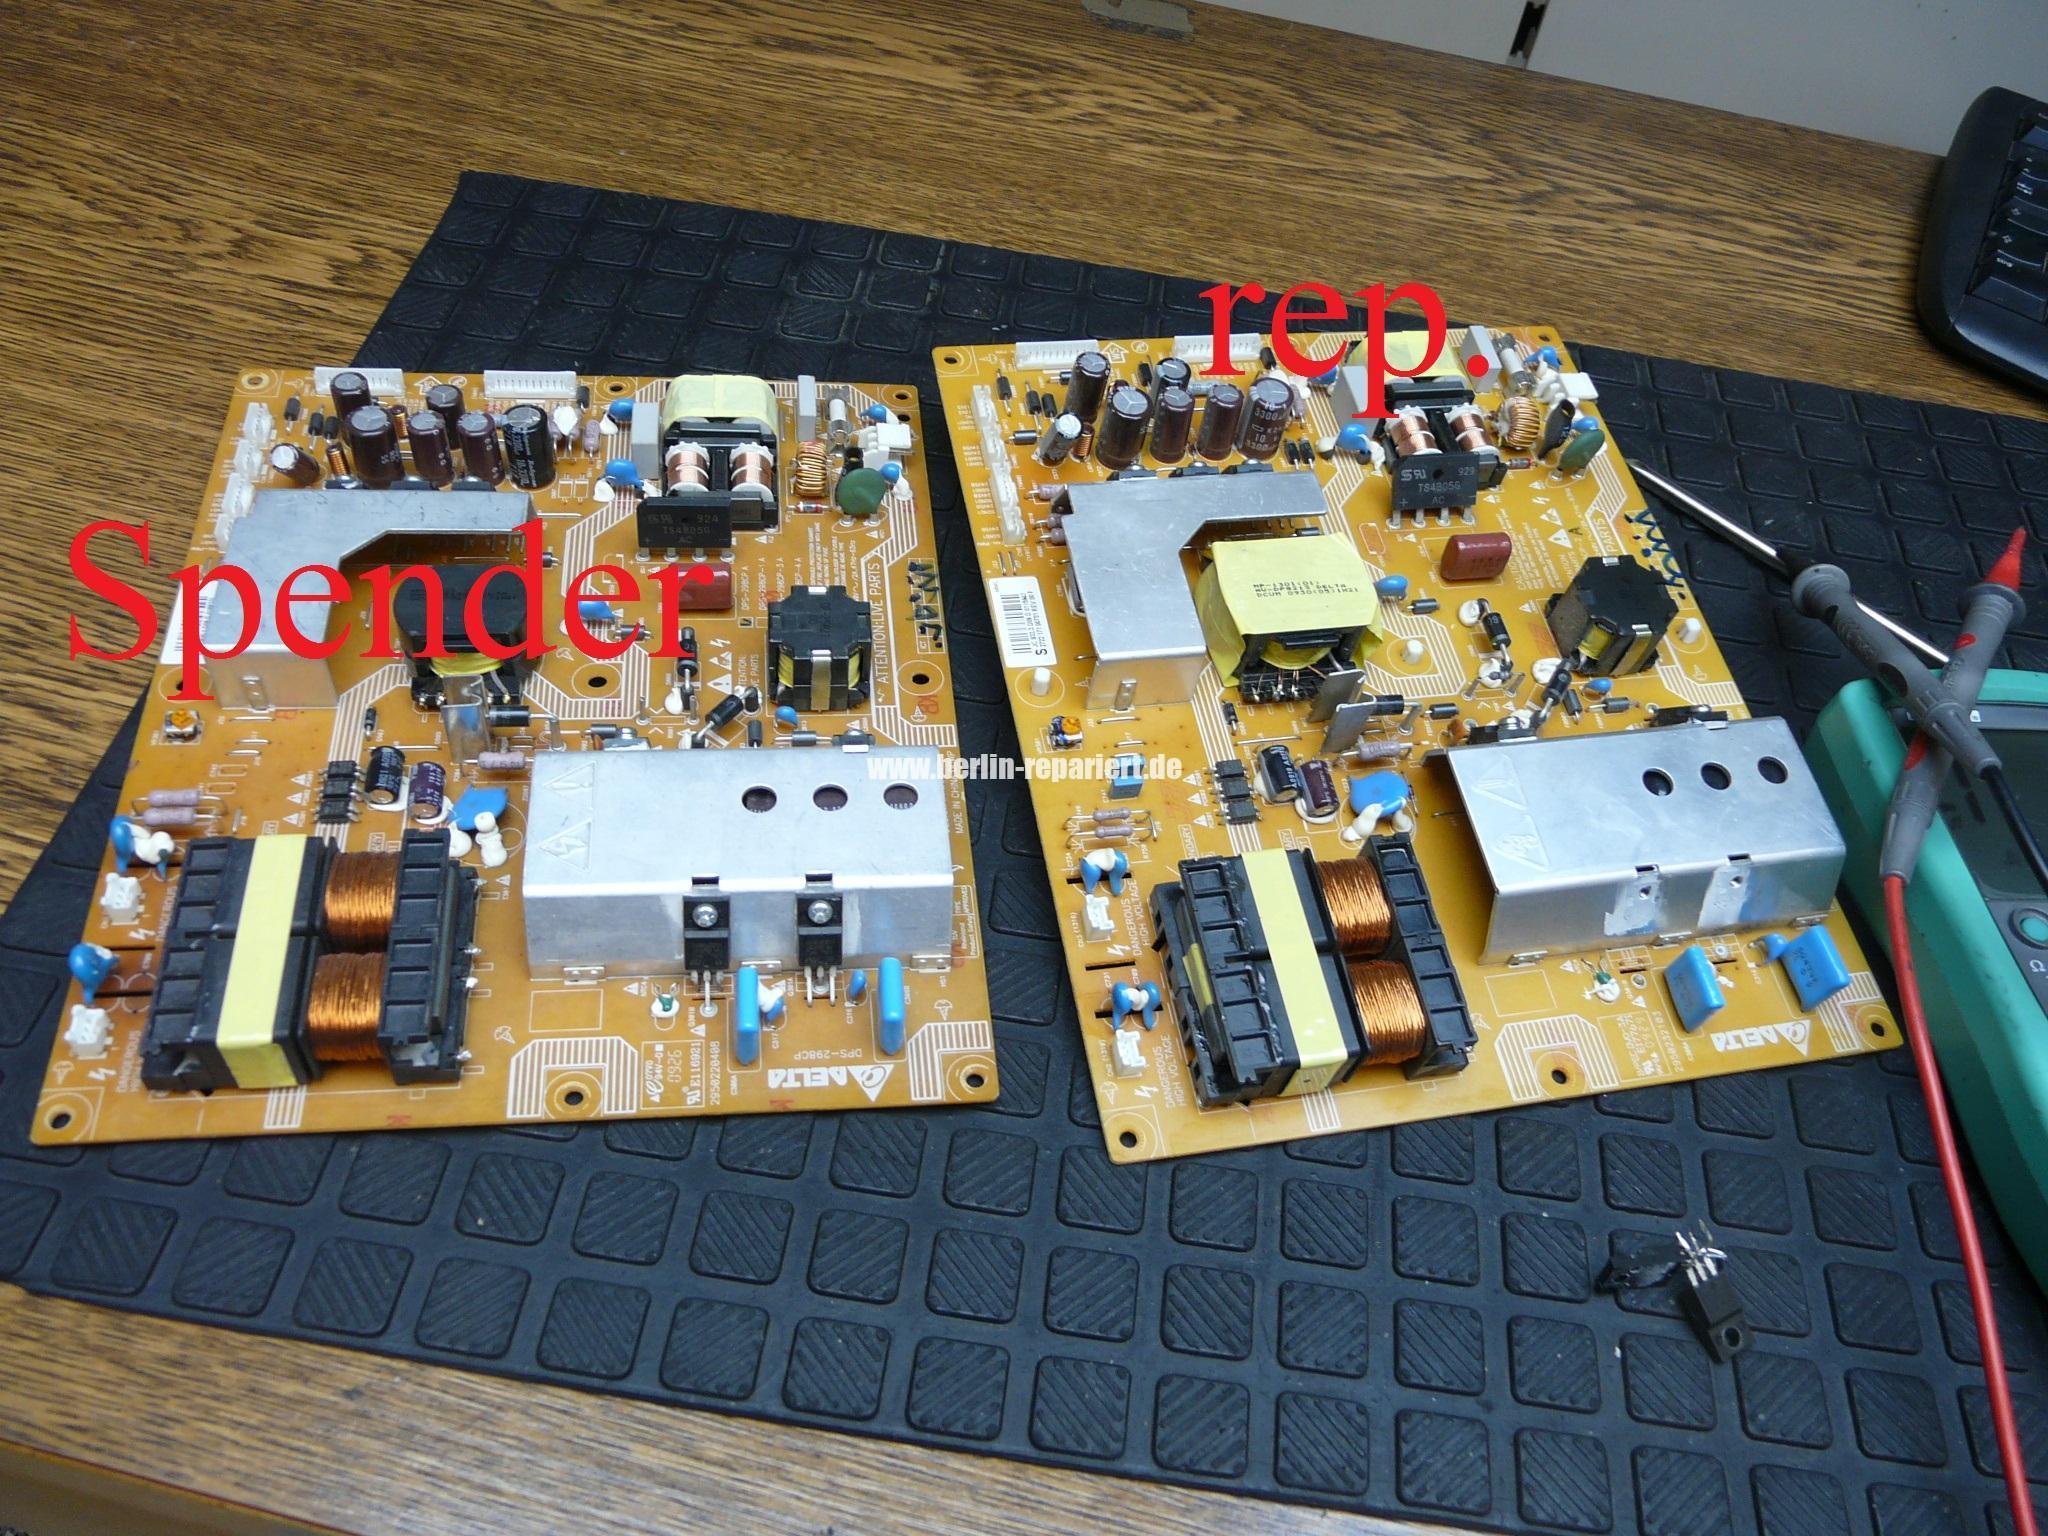 Großzügig Computer Netzteil Reparatur Fotos - Elektrische Schaltplan ...